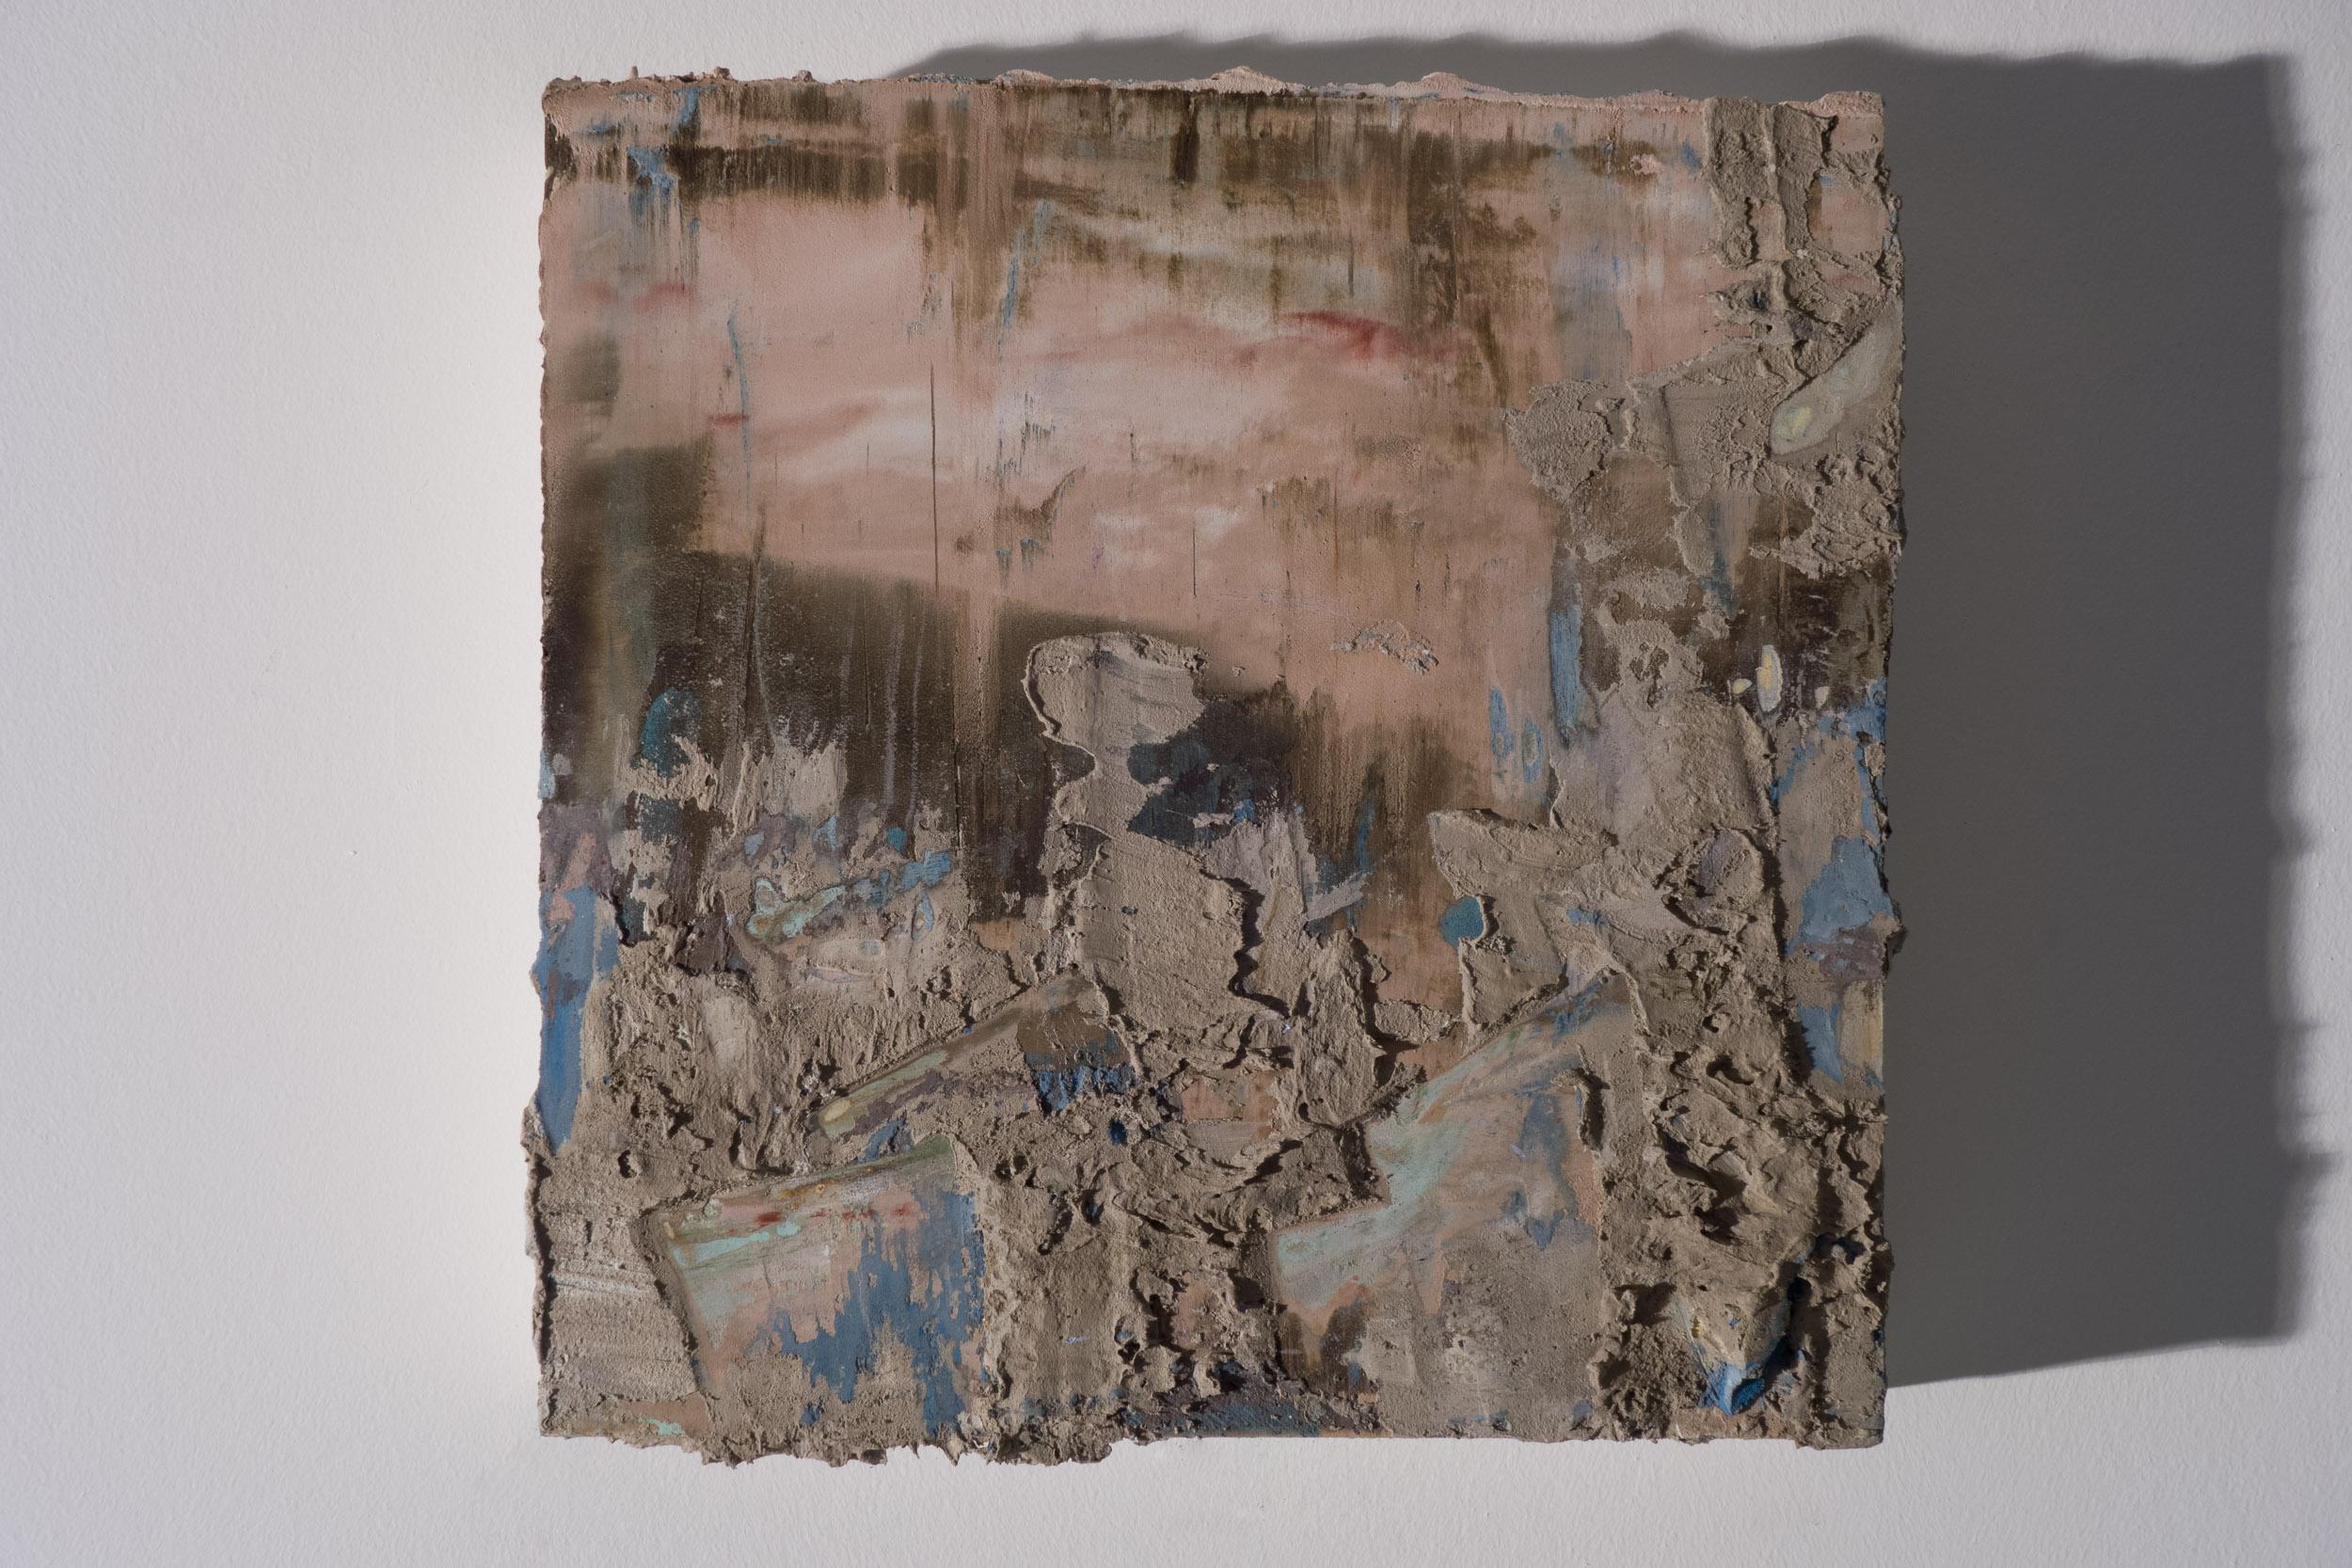 Shelley Vanderbyl - Depth (Side Light) - 2016 - Fresco on Panel - 8x8.jpg